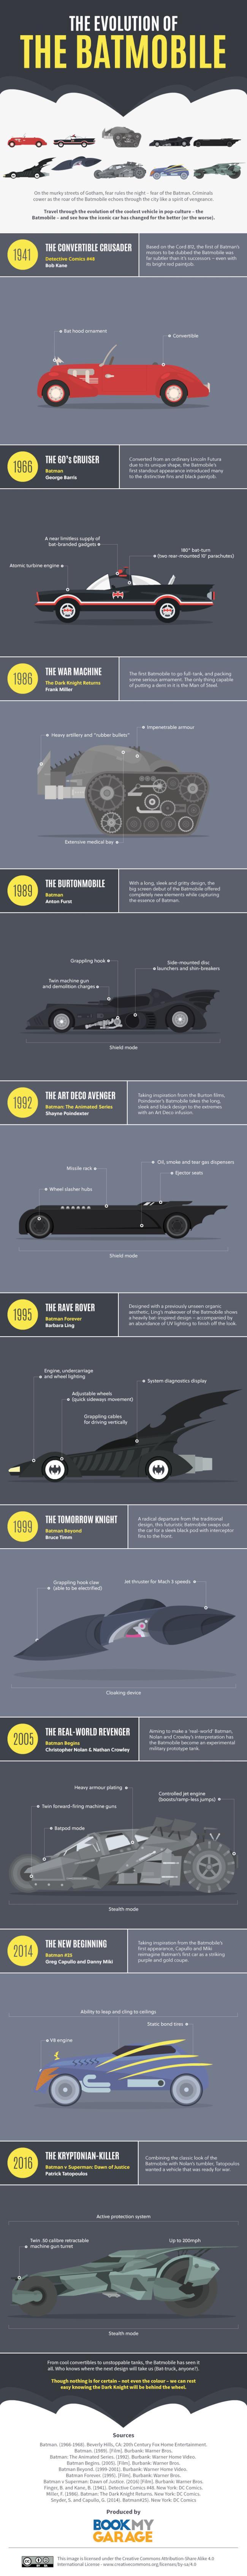 L'evoluzione della Batmobile nel tempo